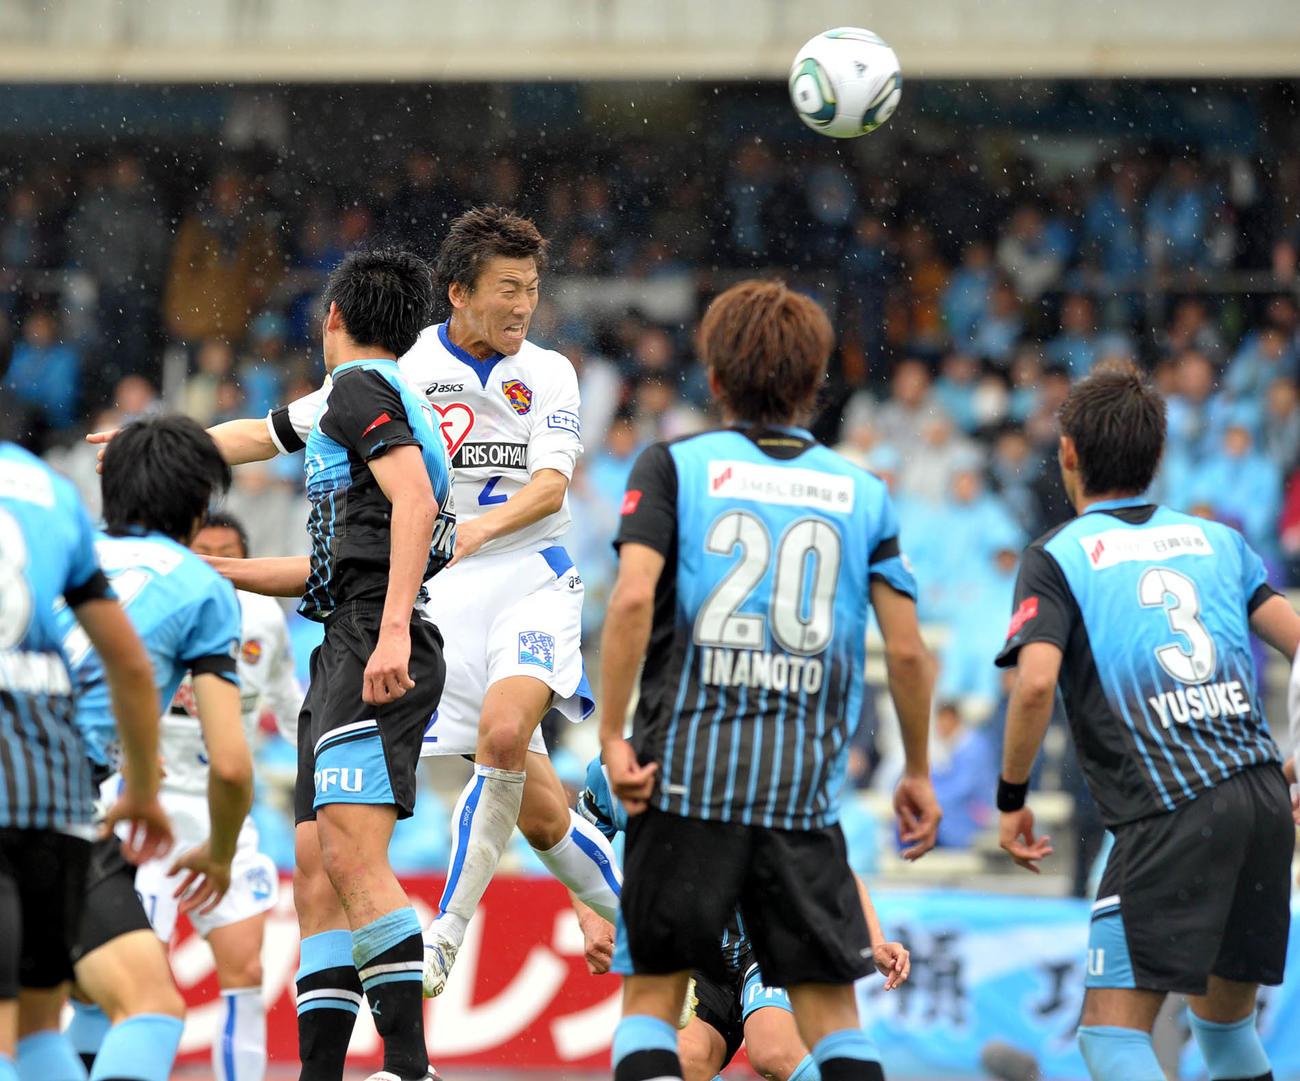 11年4月23日、川崎F対仙台 後半43分、ヘディングで決勝ゴールを決めた仙台DF鎌田